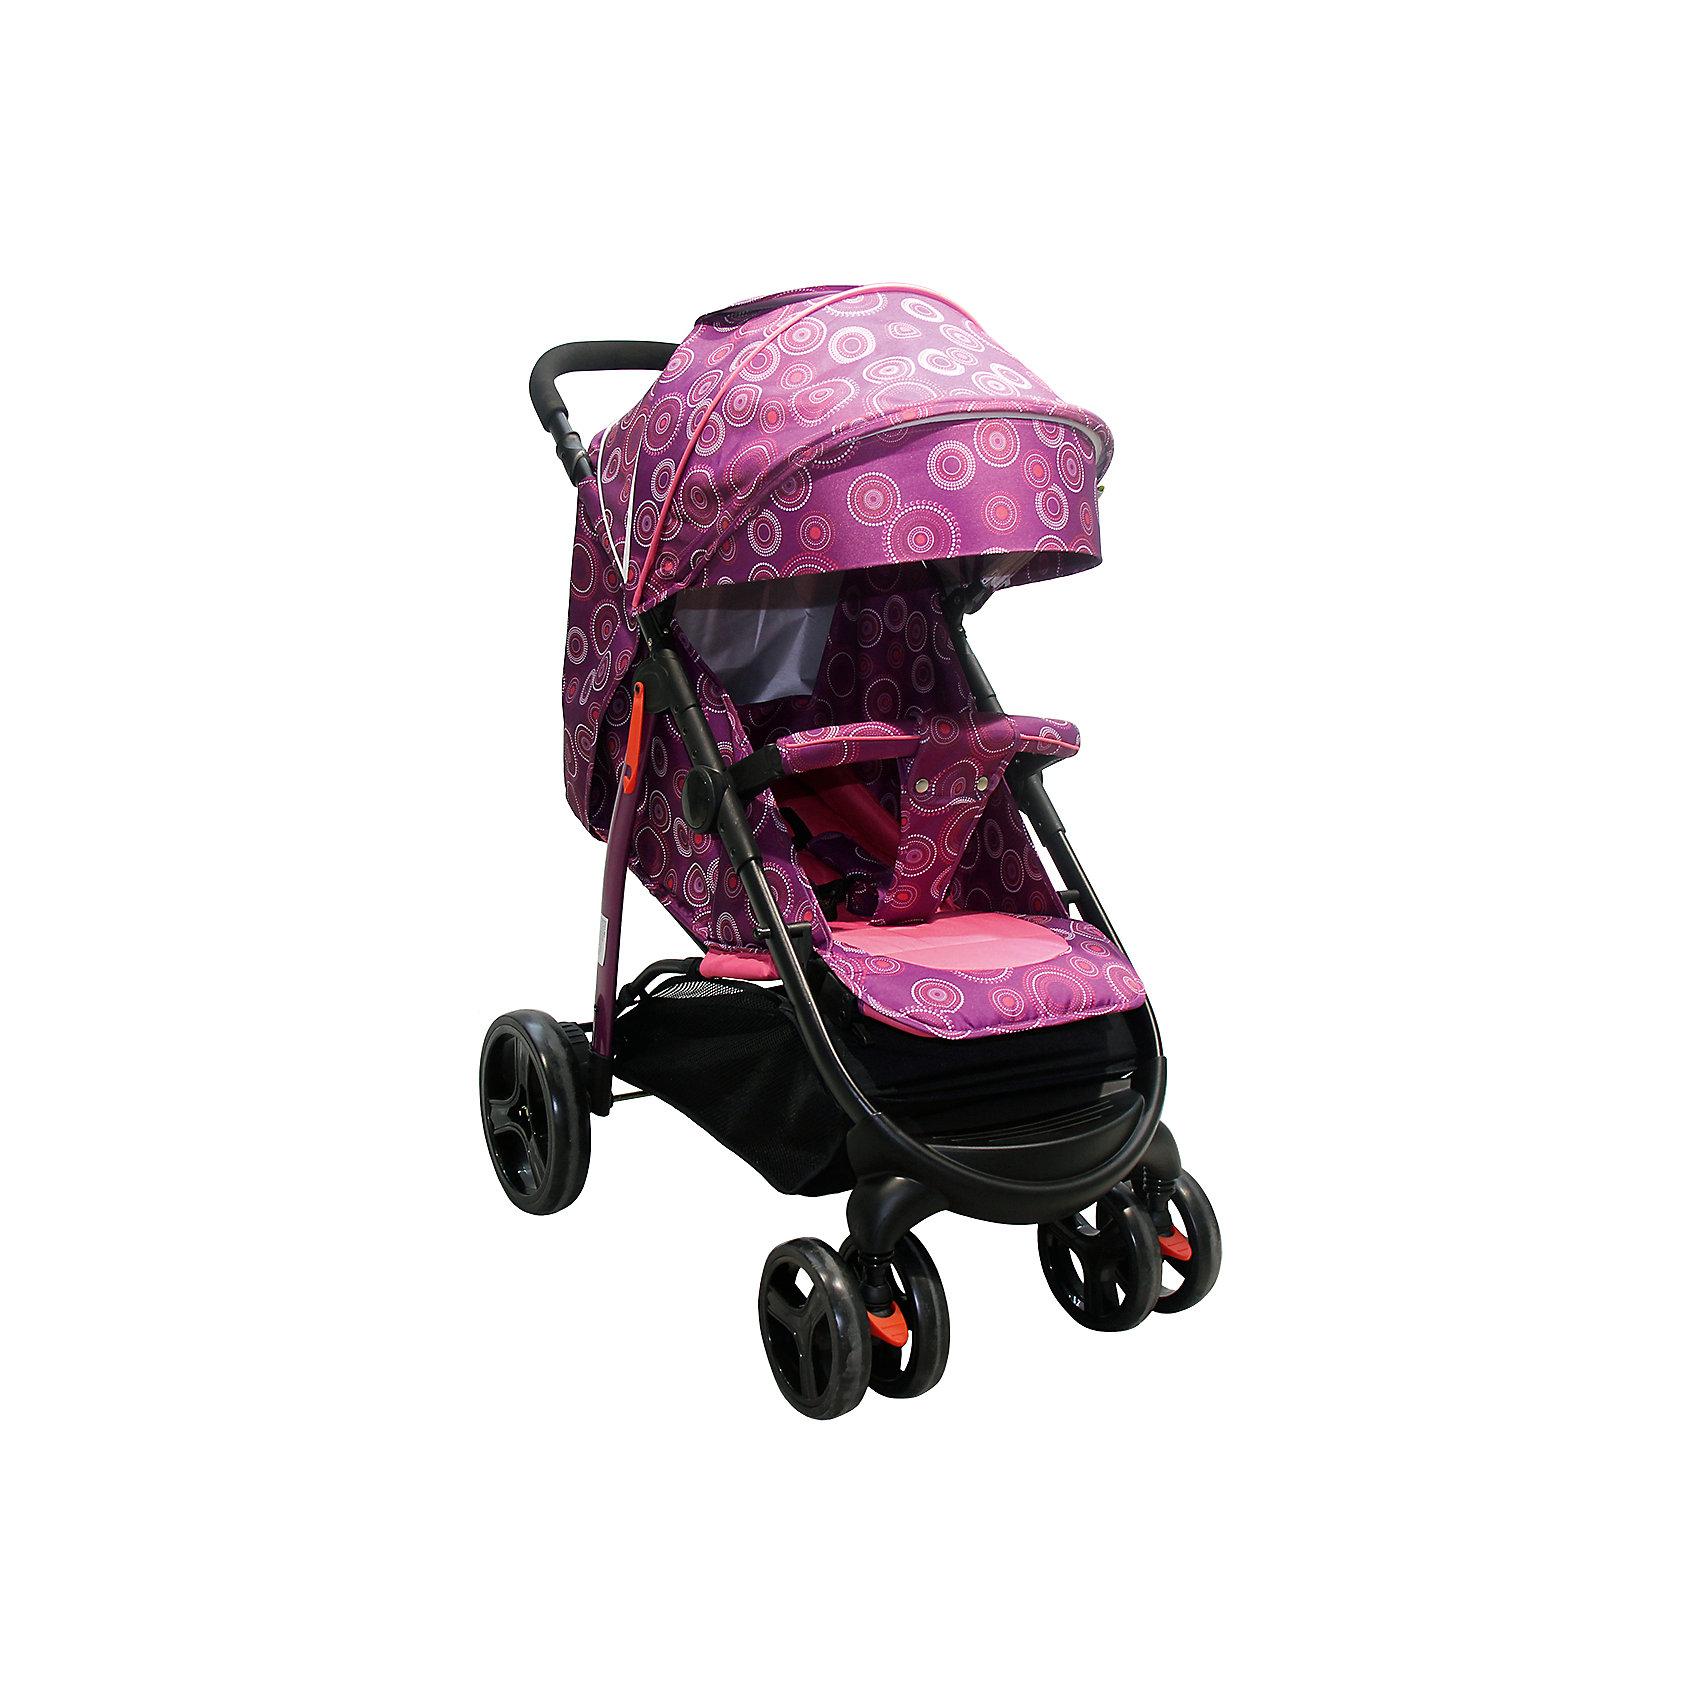 Прогулочная коляска Racy CIRCLES, Baby Hit, фиолетовыйRacy CIRCLES, Baby Hit (бэби хит) – новая прогулочная коляска предназначенная для детей от 6 месяцев до 3 лет.  Коляска очень удобна для ребенка благодаря плавному регулируемому наклону спинки и регулируемой подножке. Капюшон «батискаф»  можно опустить до бампера коляски. На передних колесах есть функция фиксации. Дополнительную безопасность ребенку обеспечит паховый ремень безопасности. Для удобства мамы в коляске предусмотрена корзина для покупок. В комплекте москитная сетка, полог.<br>Особенности и преимущества:<br>-паховый ремень безопасности<br>-капюшон «батискаф»<br>-функция фиксации передних колес<br>Размеры: 90x26x28 см<br>Вес: 9,2 кг<br>Дополнительные характеристики:<br>Размер спального места: 31x72 см<br>Размер сиденья( без подножки): 31x23 см<br>Размер спинки: 31x39 см<br>Коляску Racy CIRCLES можно приобрети в нашем интернет-магазине.<br>ВНИМАНИЕ! Данный артикул имеется в наличии в разных цветовых исполнениях (оранжевый, фиолетовый). К сожалению, заранее выбрать определенный цвет не возможно.<br><br>Ширина мм: 280<br>Глубина мм: 260<br>Высота мм: 900<br>Вес г: 10000<br>Возраст от месяцев: 6<br>Возраст до месяцев: 36<br>Пол: Унисекс<br>Возраст: Детский<br>SKU: 4881277